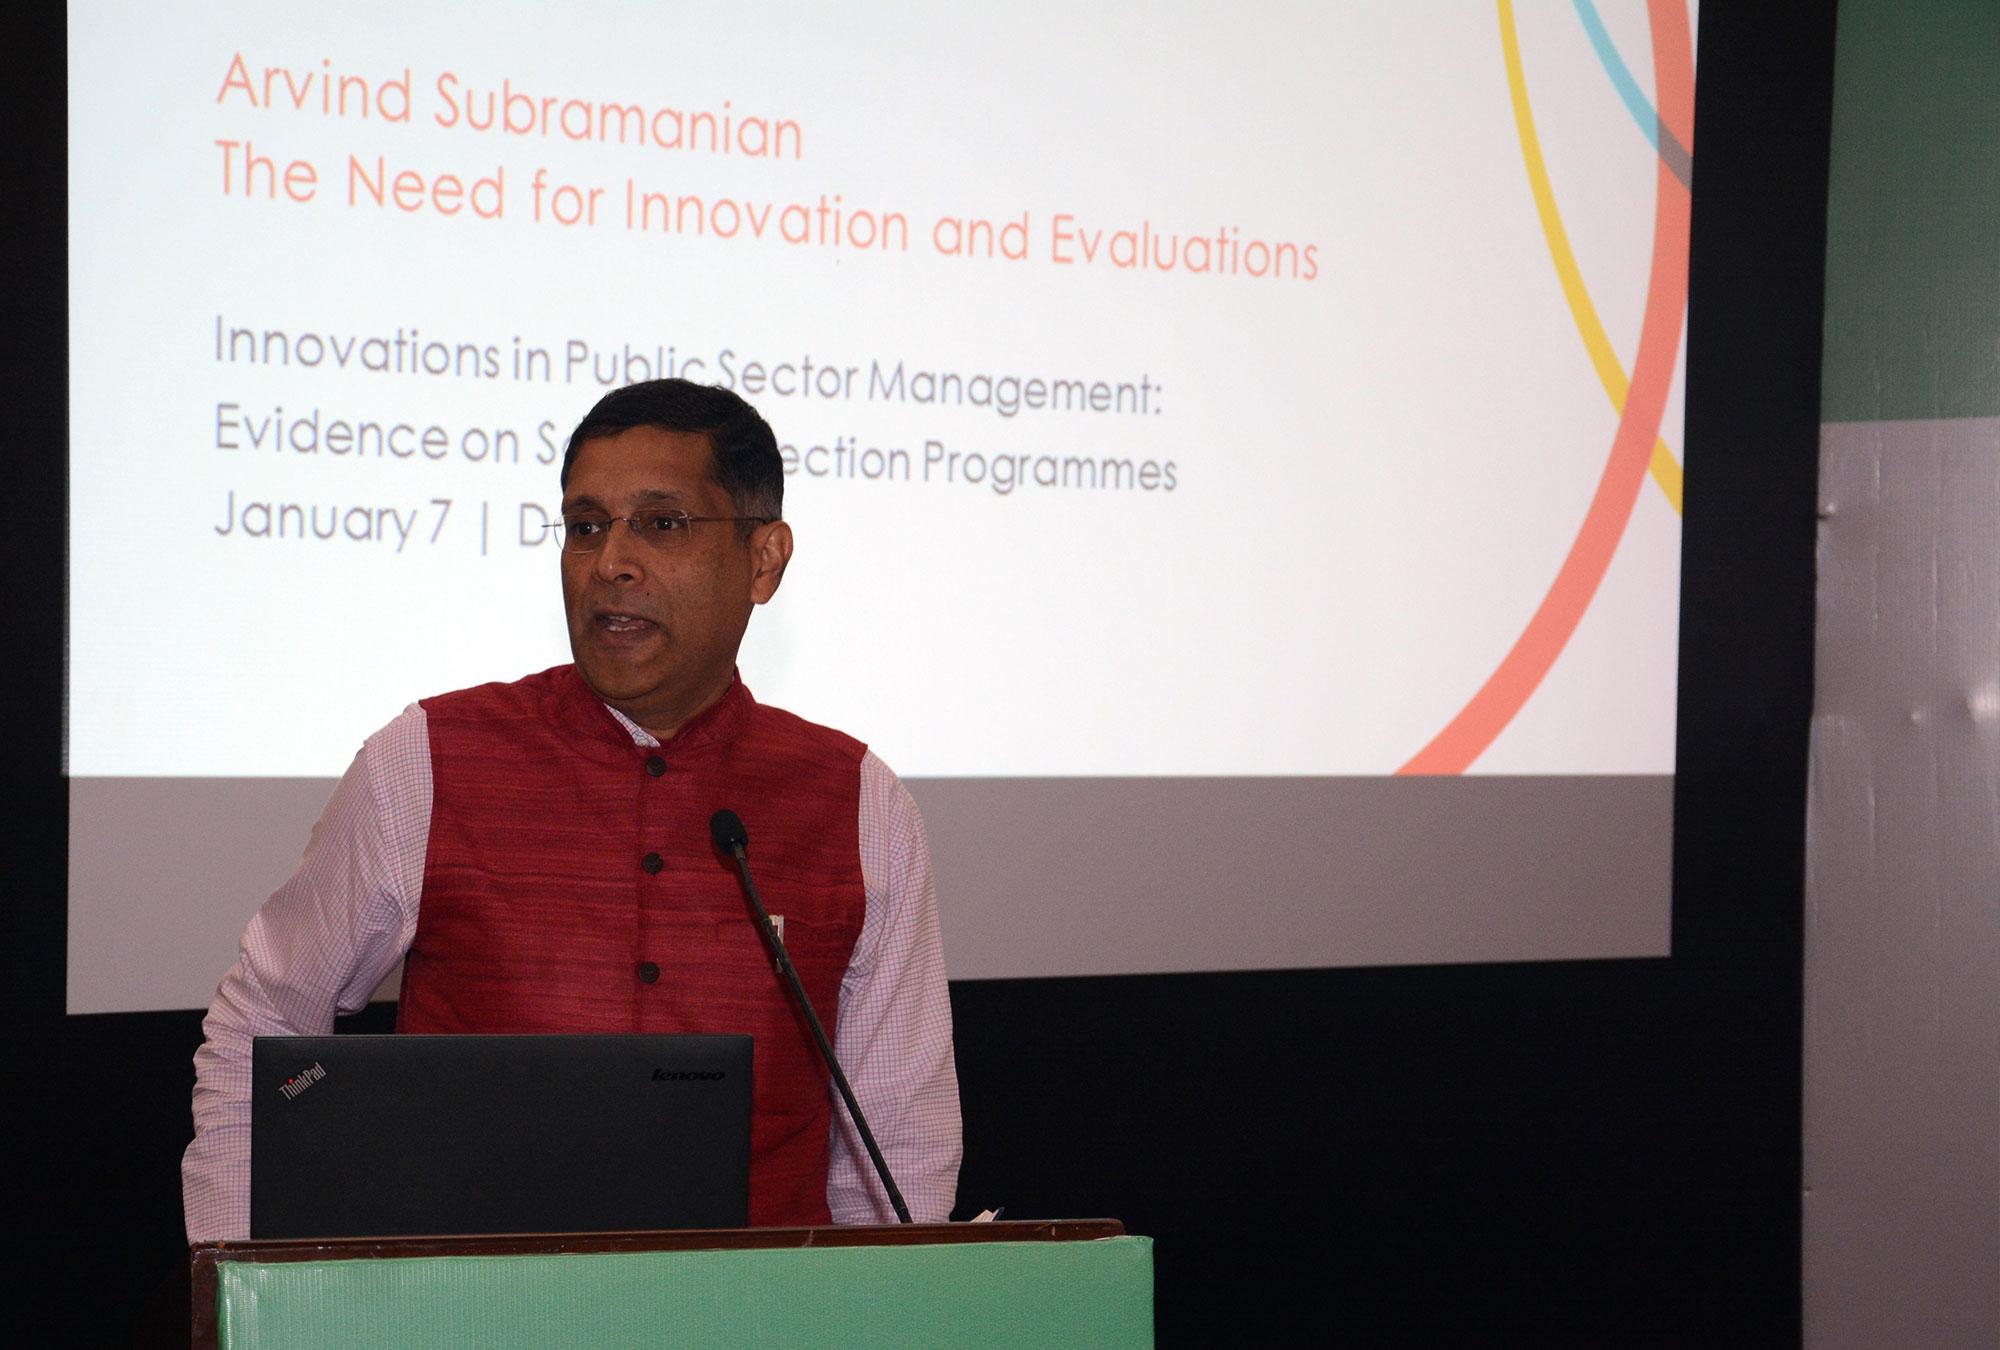 Arvind Subramanian, India's Chief Economic Adviser